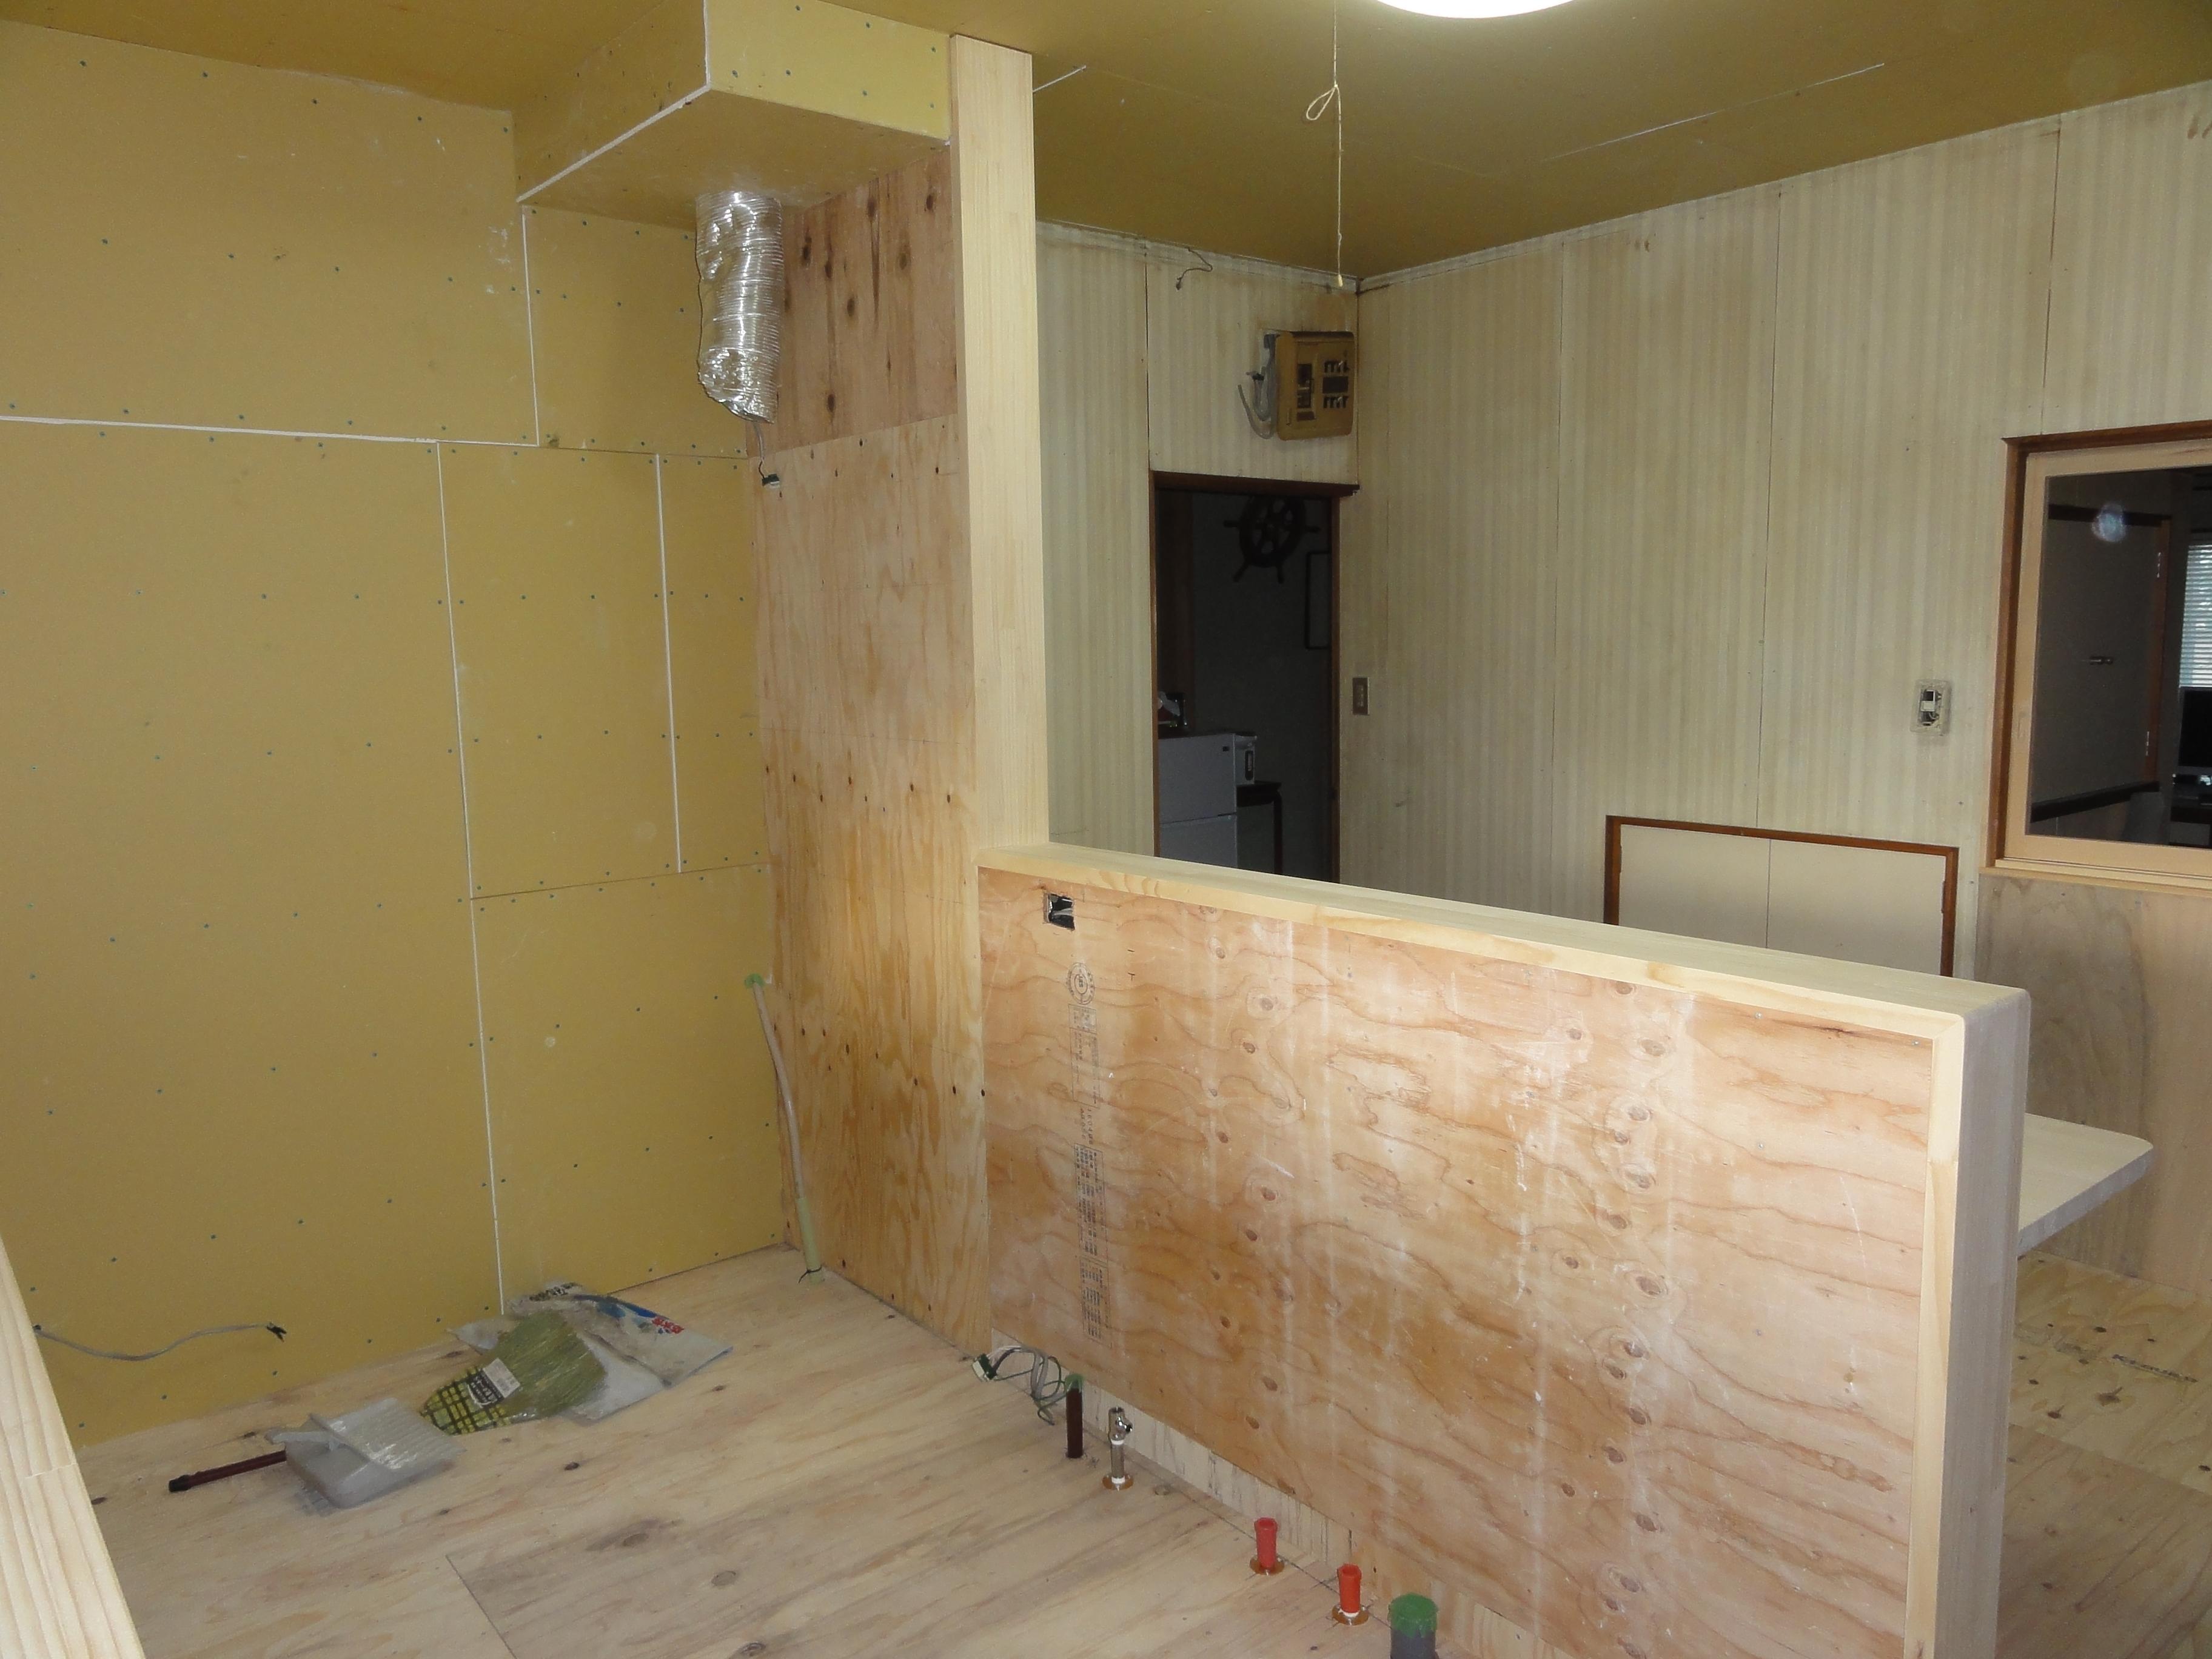 西条市 対面キッチンへリフォーム 施工中4